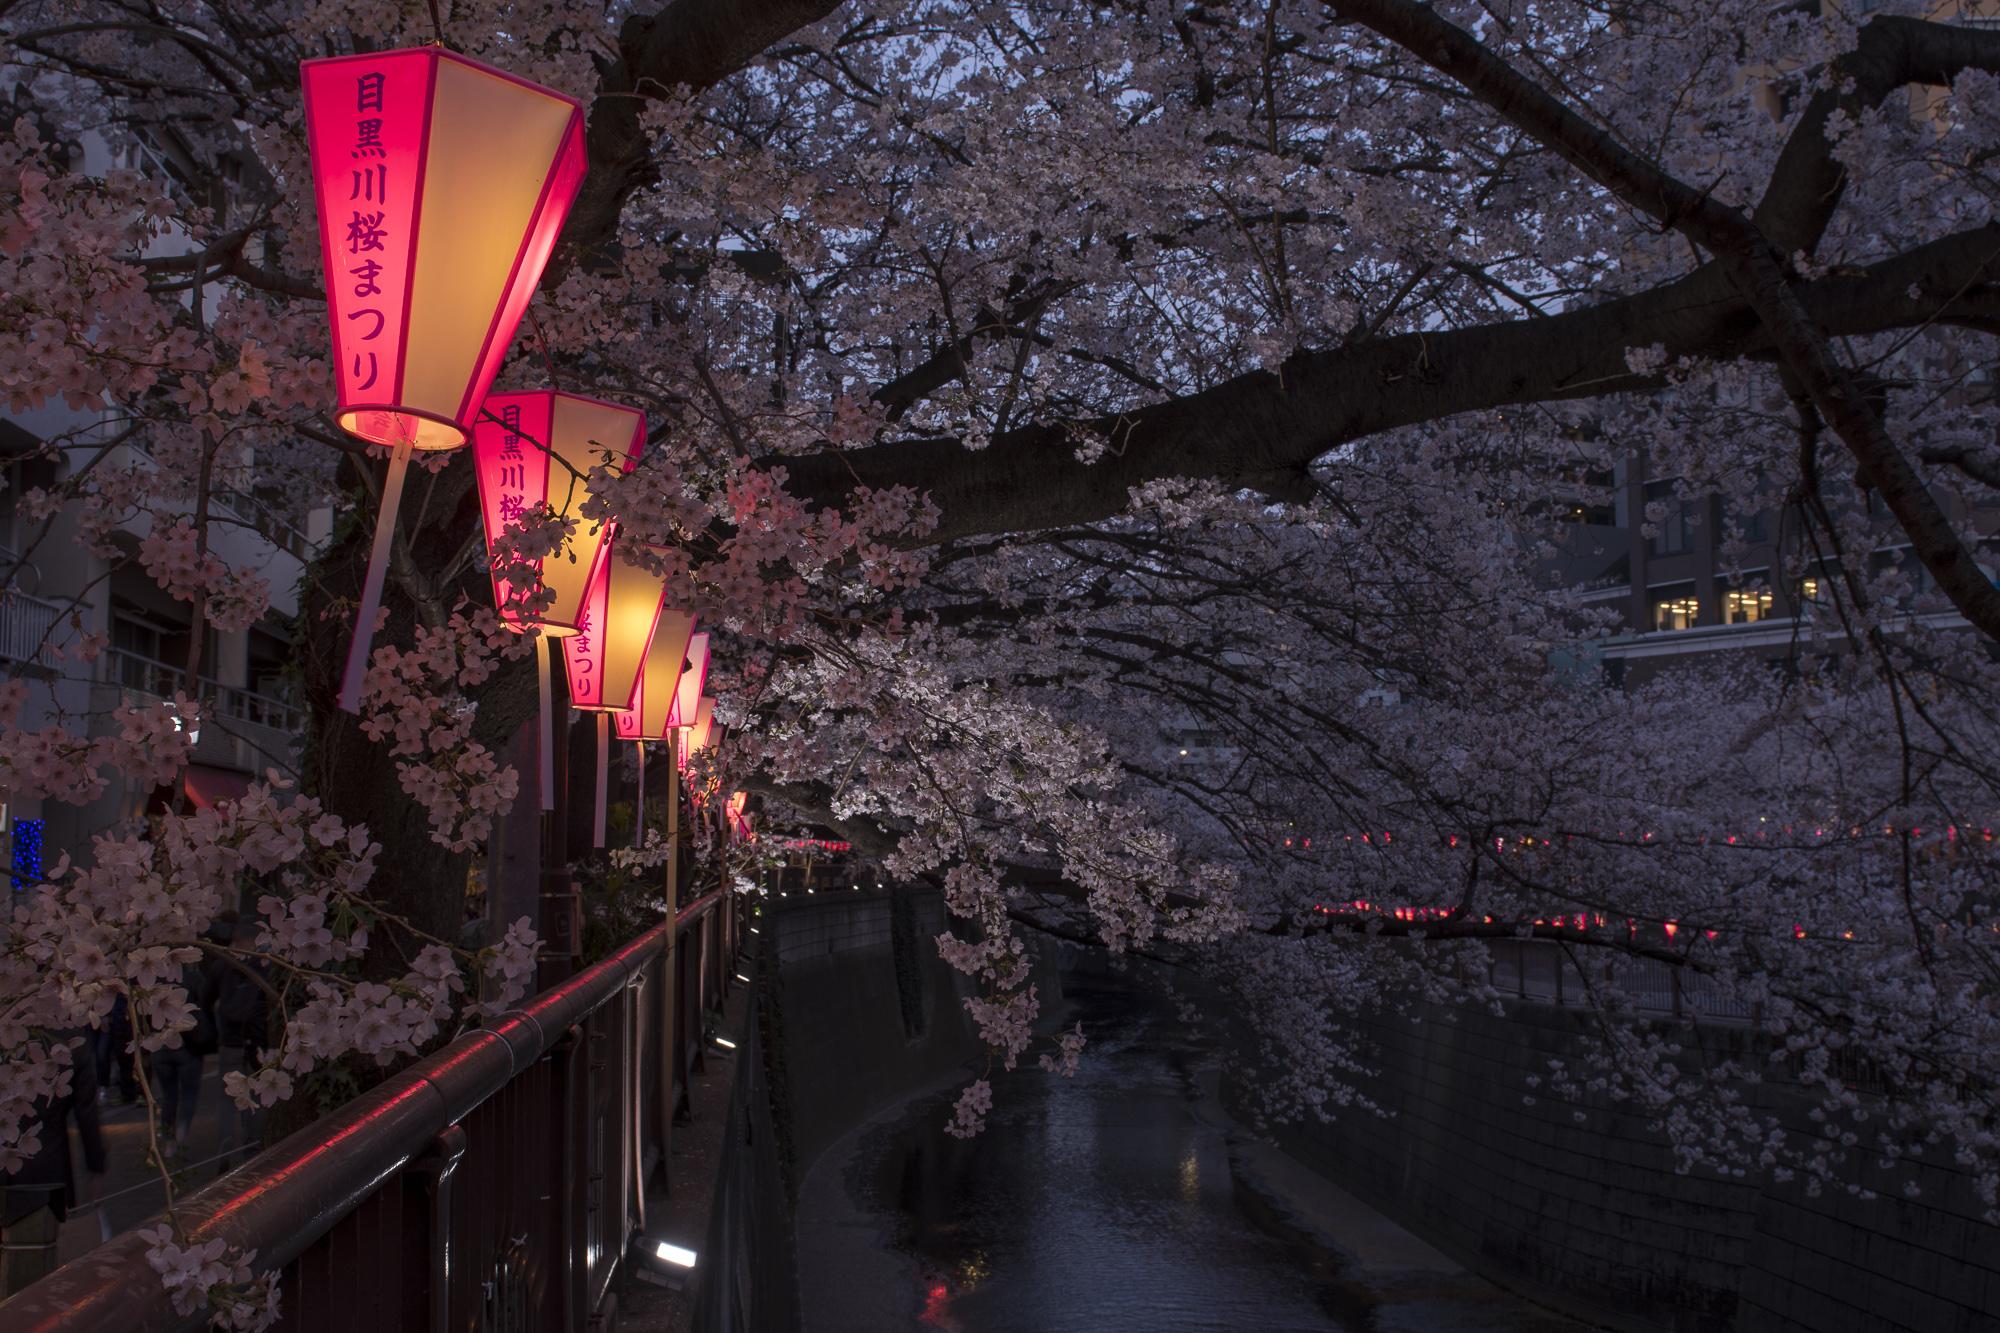 Naka-meguro, Tokyo  PHOTOGRAPHY: Alexander J.E. Bradley • NIKON D500 • AF-S NIKKOR 24-70MM ƒ/2.8G ED @ 24MM • ƒ/8 • 1/6 • ISO 100